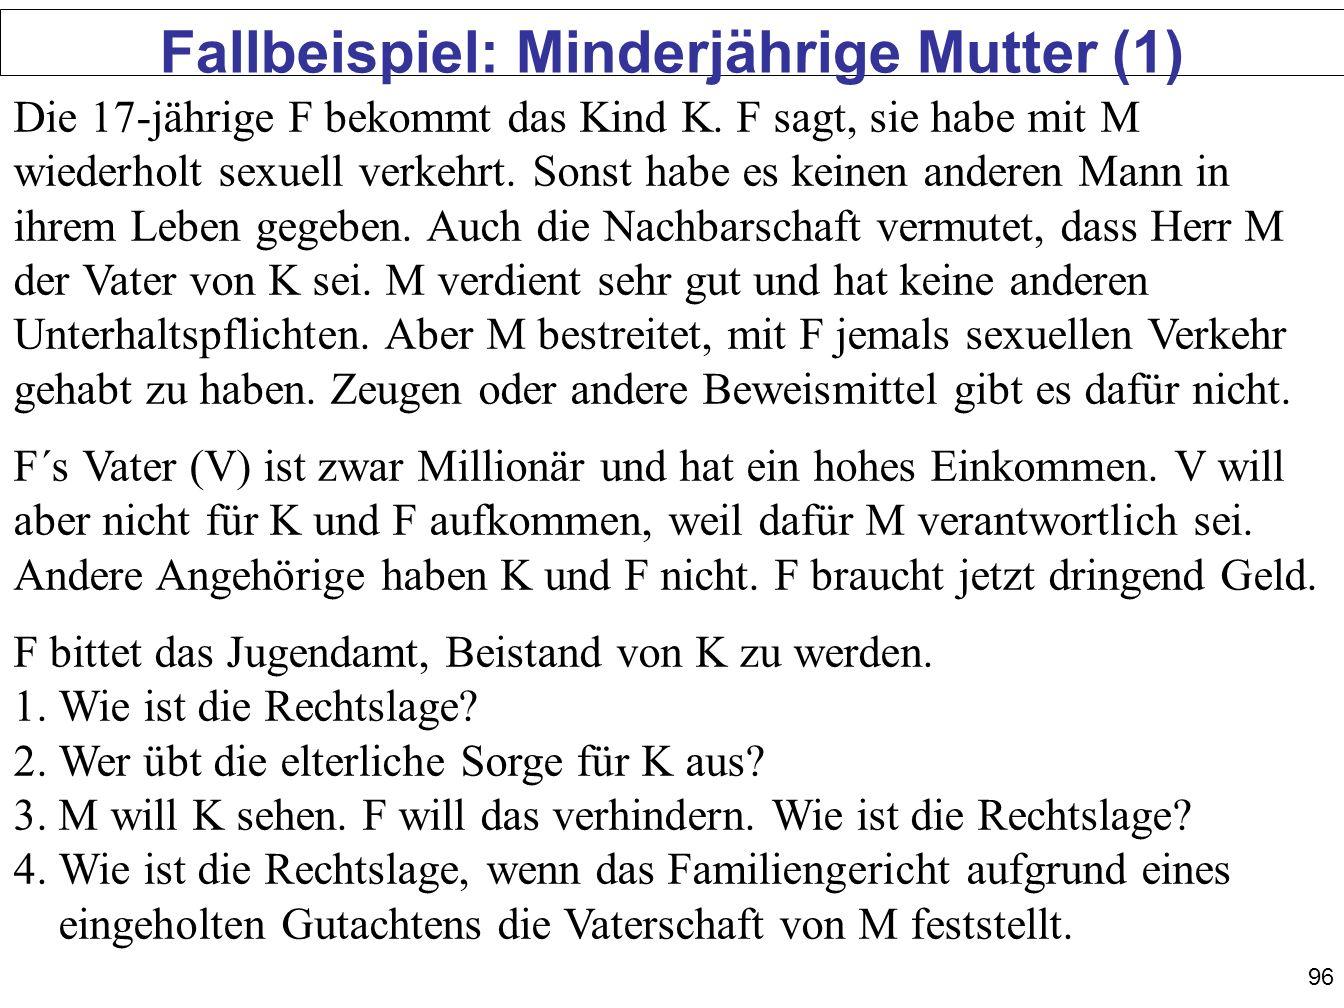 96 Fallbeispiel: Minderjährige Mutter (1) Die 17-jährige F bekommt das Kind K. F sagt, sie habe mit M wiederholt sexuell verkehrt. Sonst habe es keine